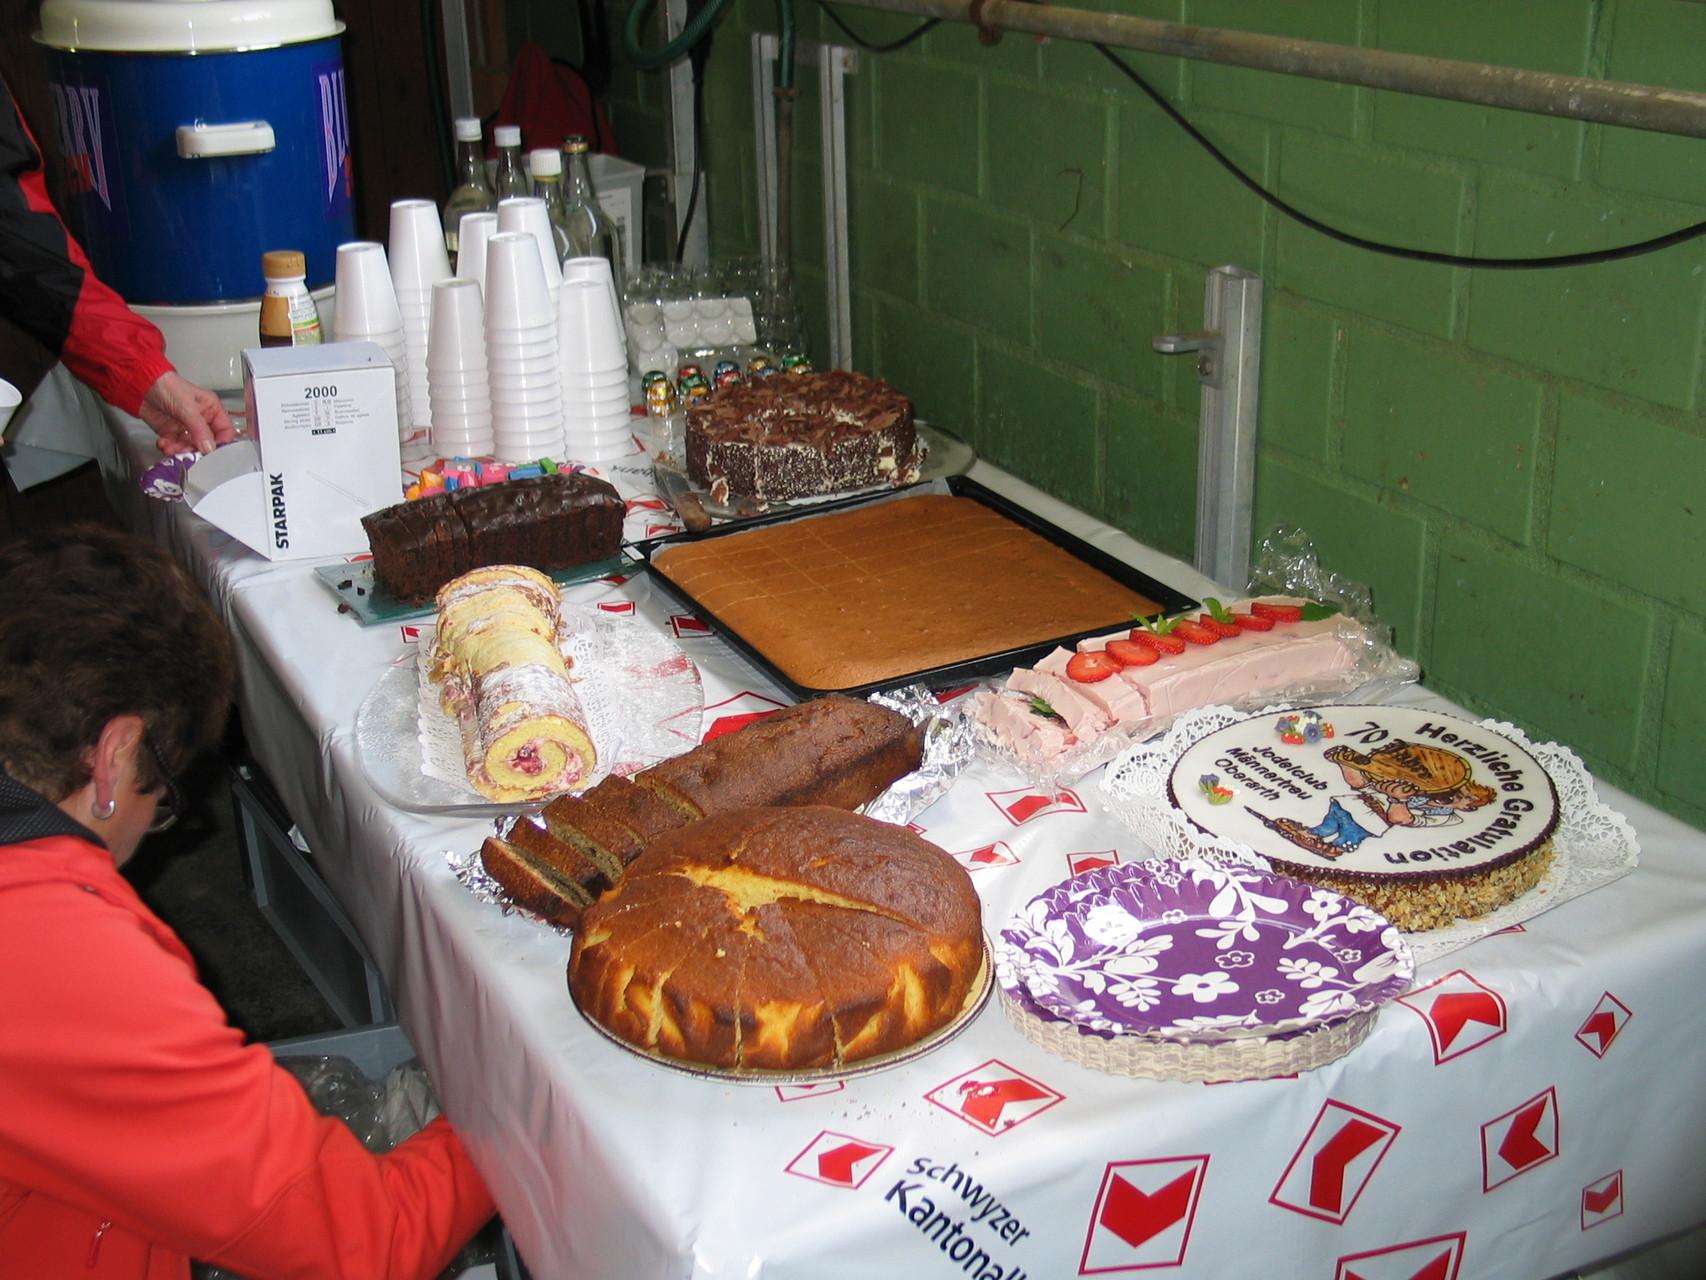 Zum Abschluss lassen sich die Gäste noch vom feinen Dessertbüffet verführen ...